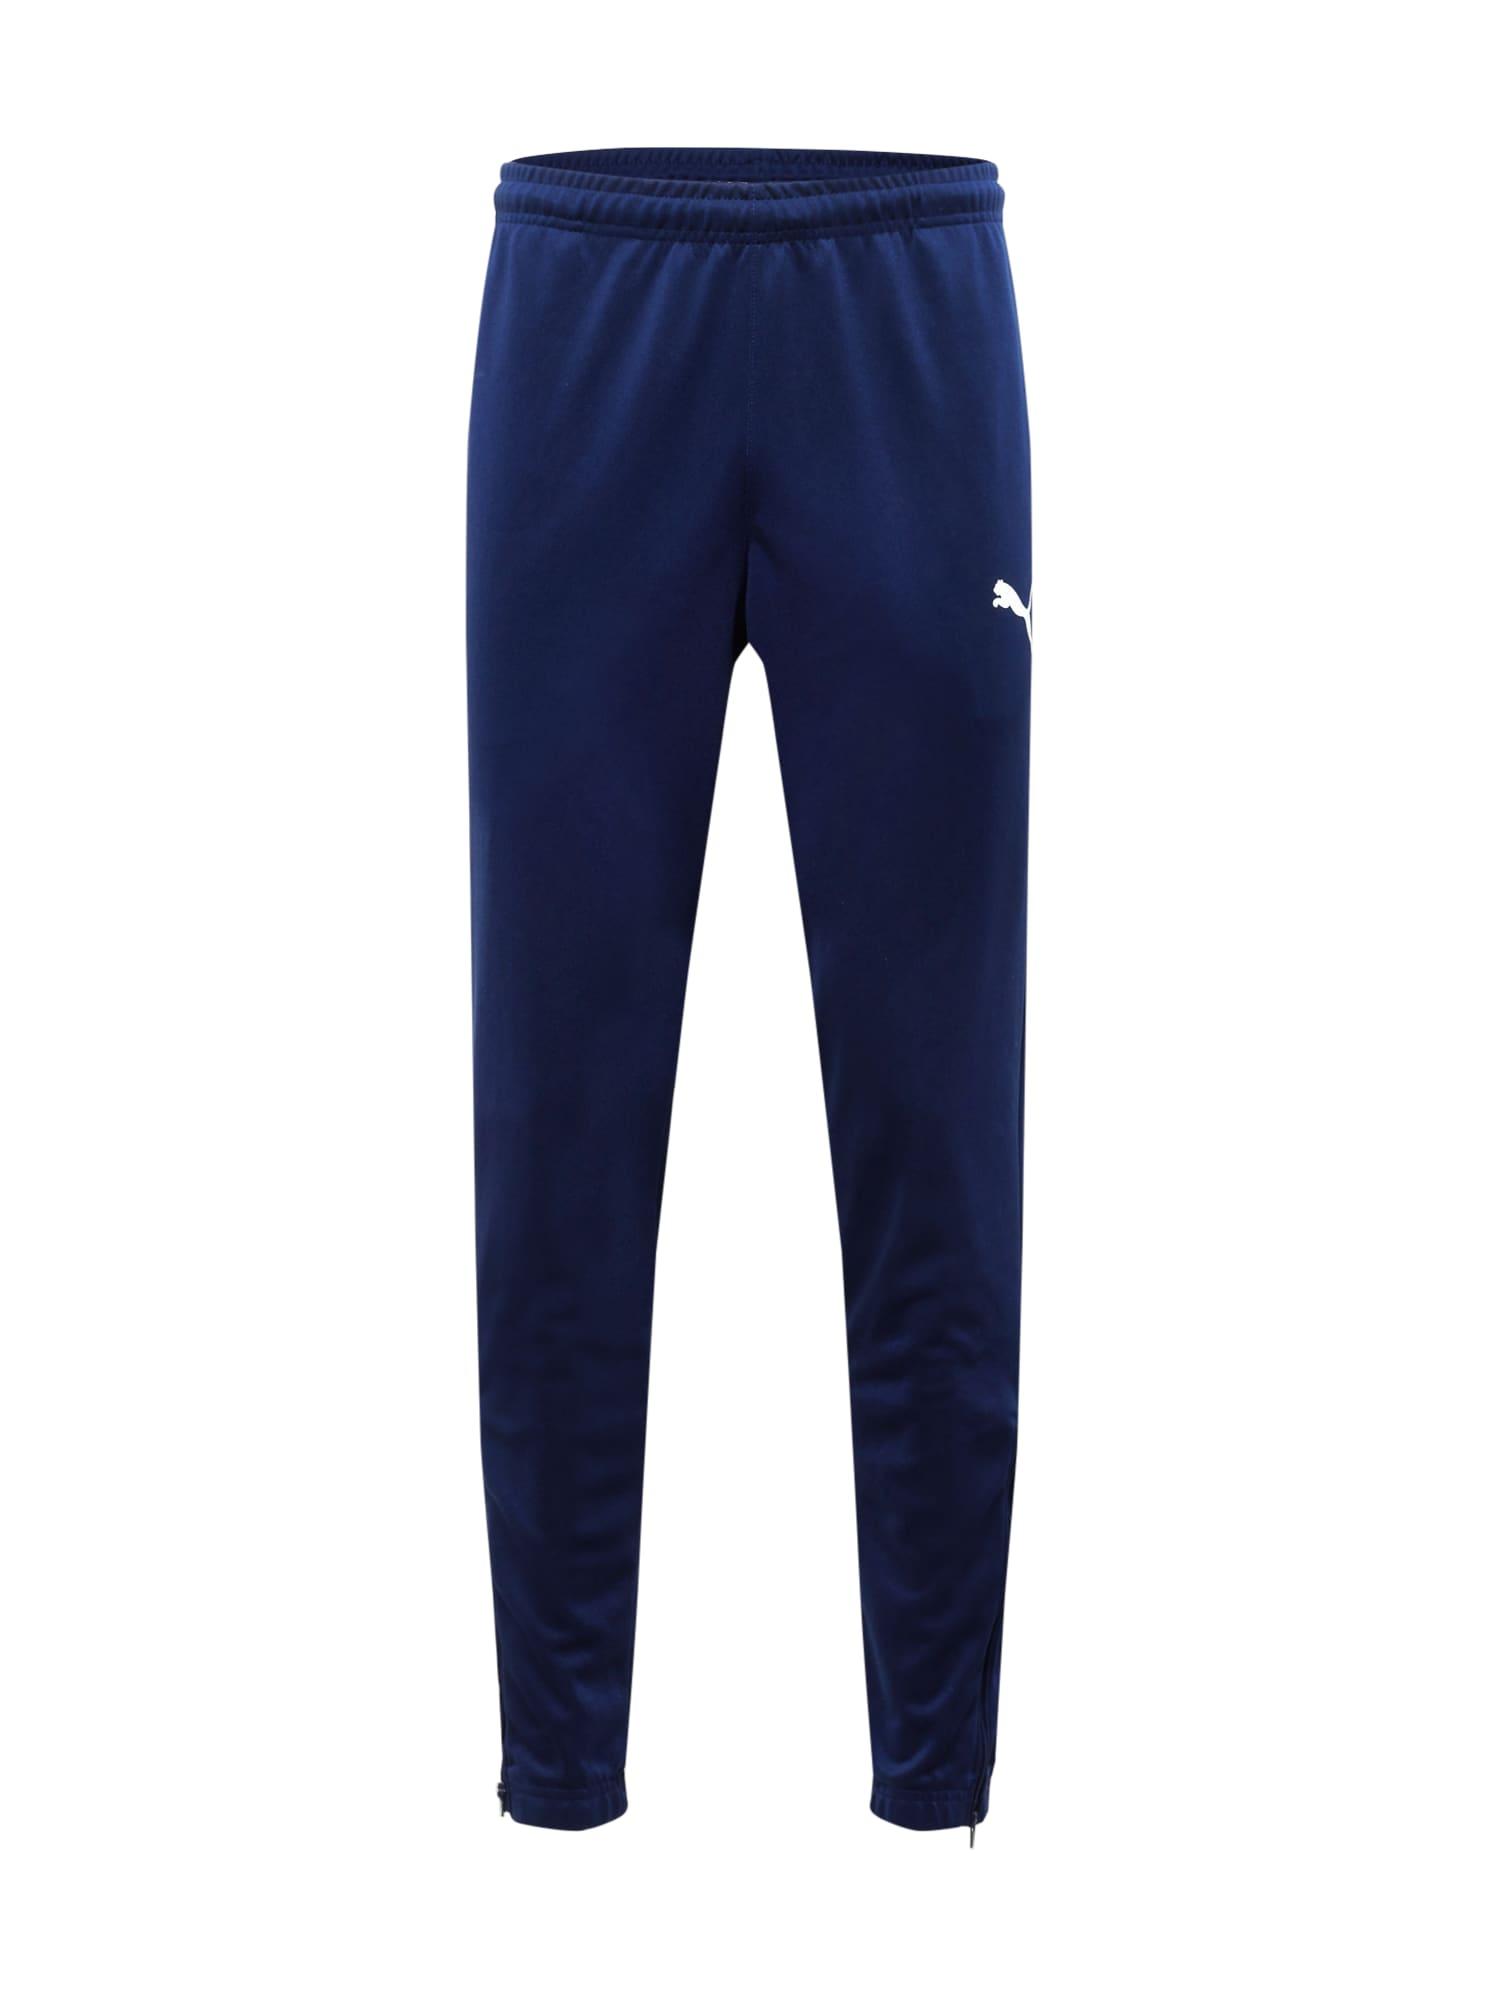 PUMA Pantaloni sportivi  blu scuro / bianco male shop the look